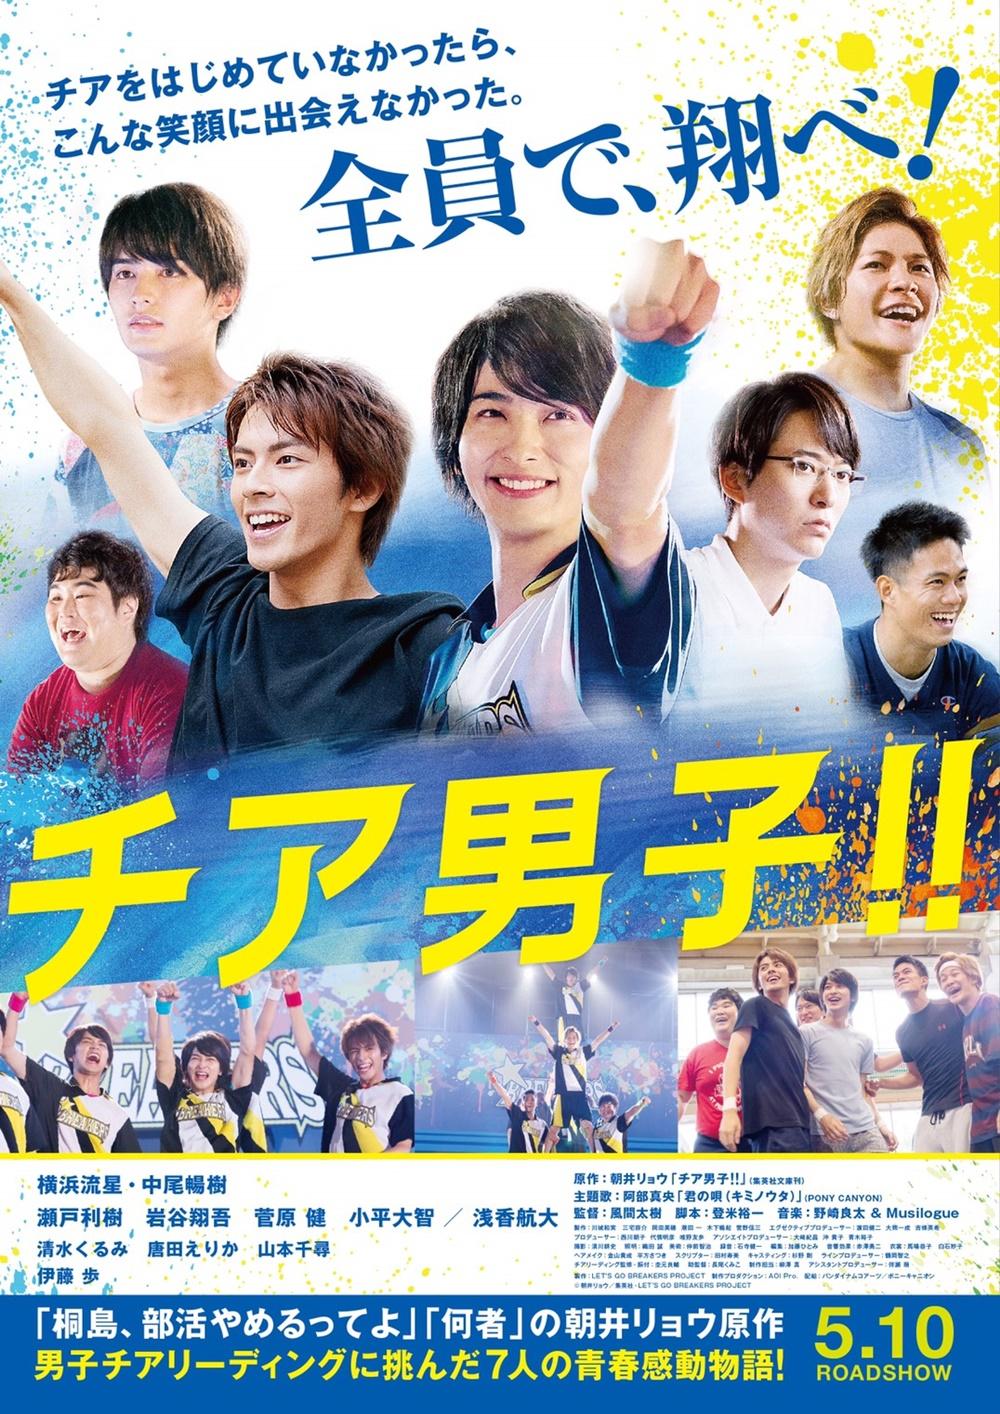 【画像】映画『チア男子!!』ポスタービジュアル